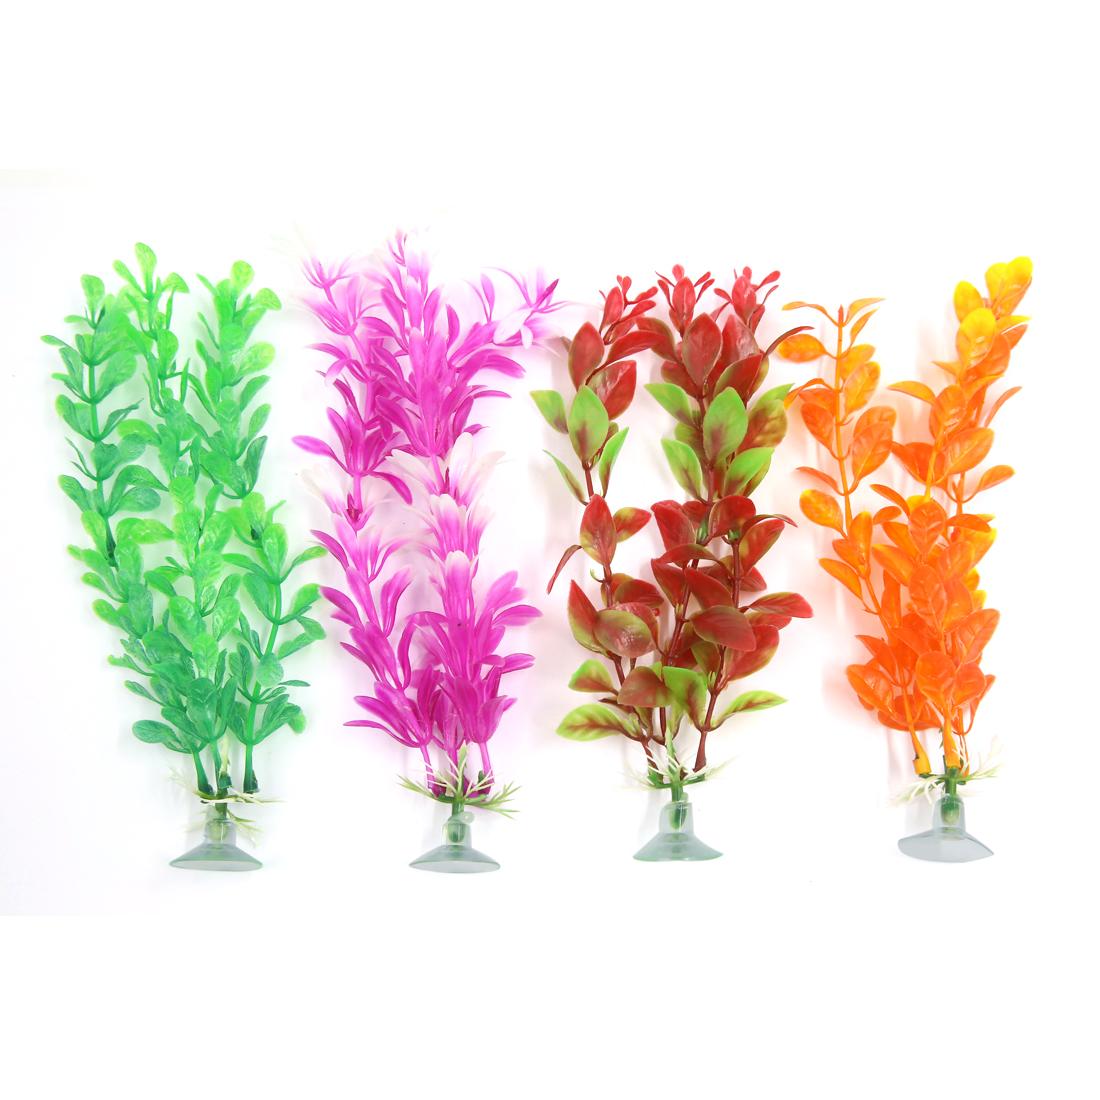 4 Pcs Ornament Plastic Decoration Plant With Suction Cup For Aquarium